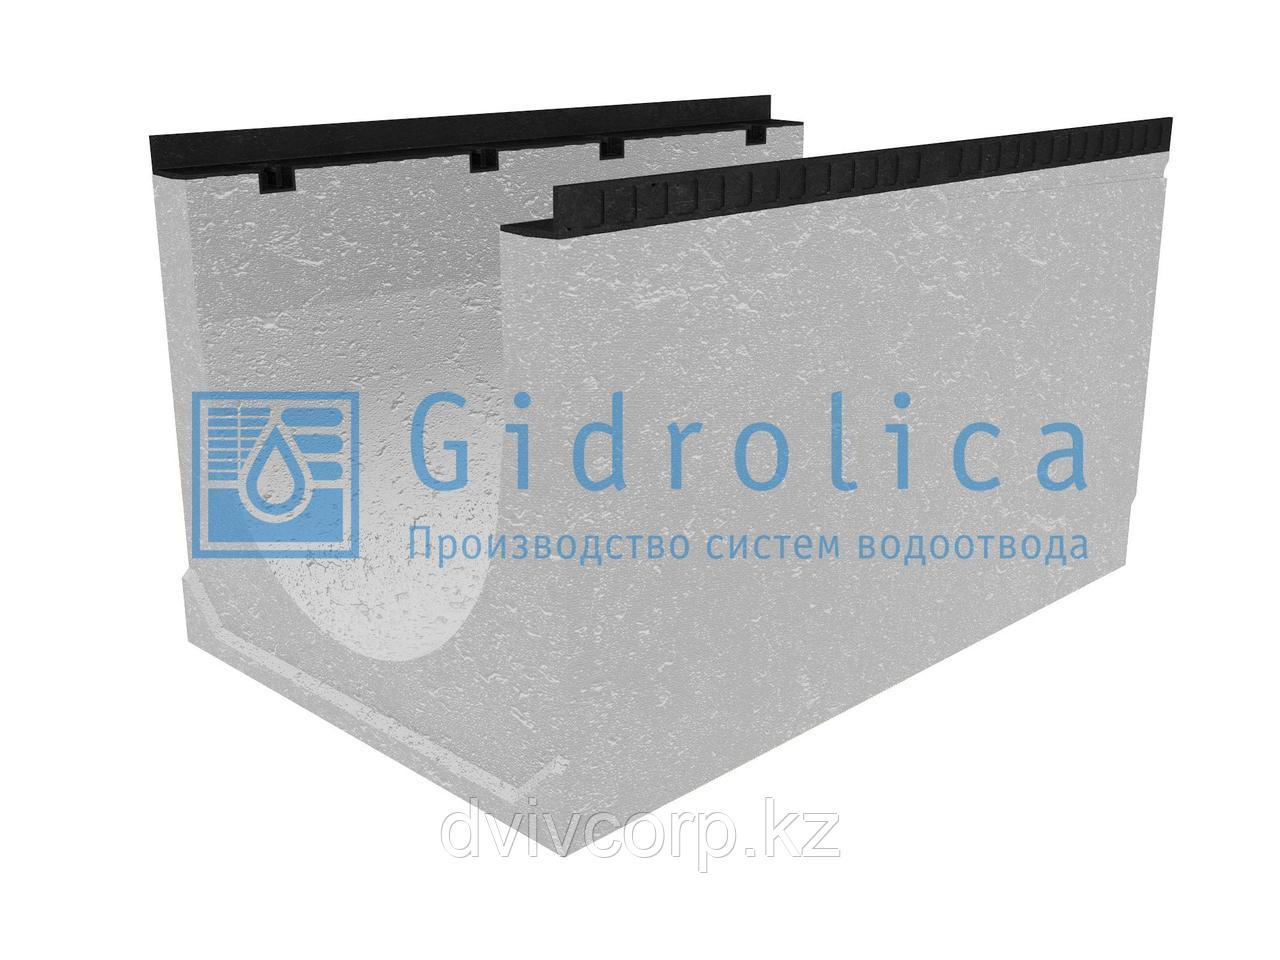 Лоток водоотводный бетонный коробчатый (СО-500мм), с уклоном 0,5%  КUу 100.65(50).58(49) - BGМ, № 26